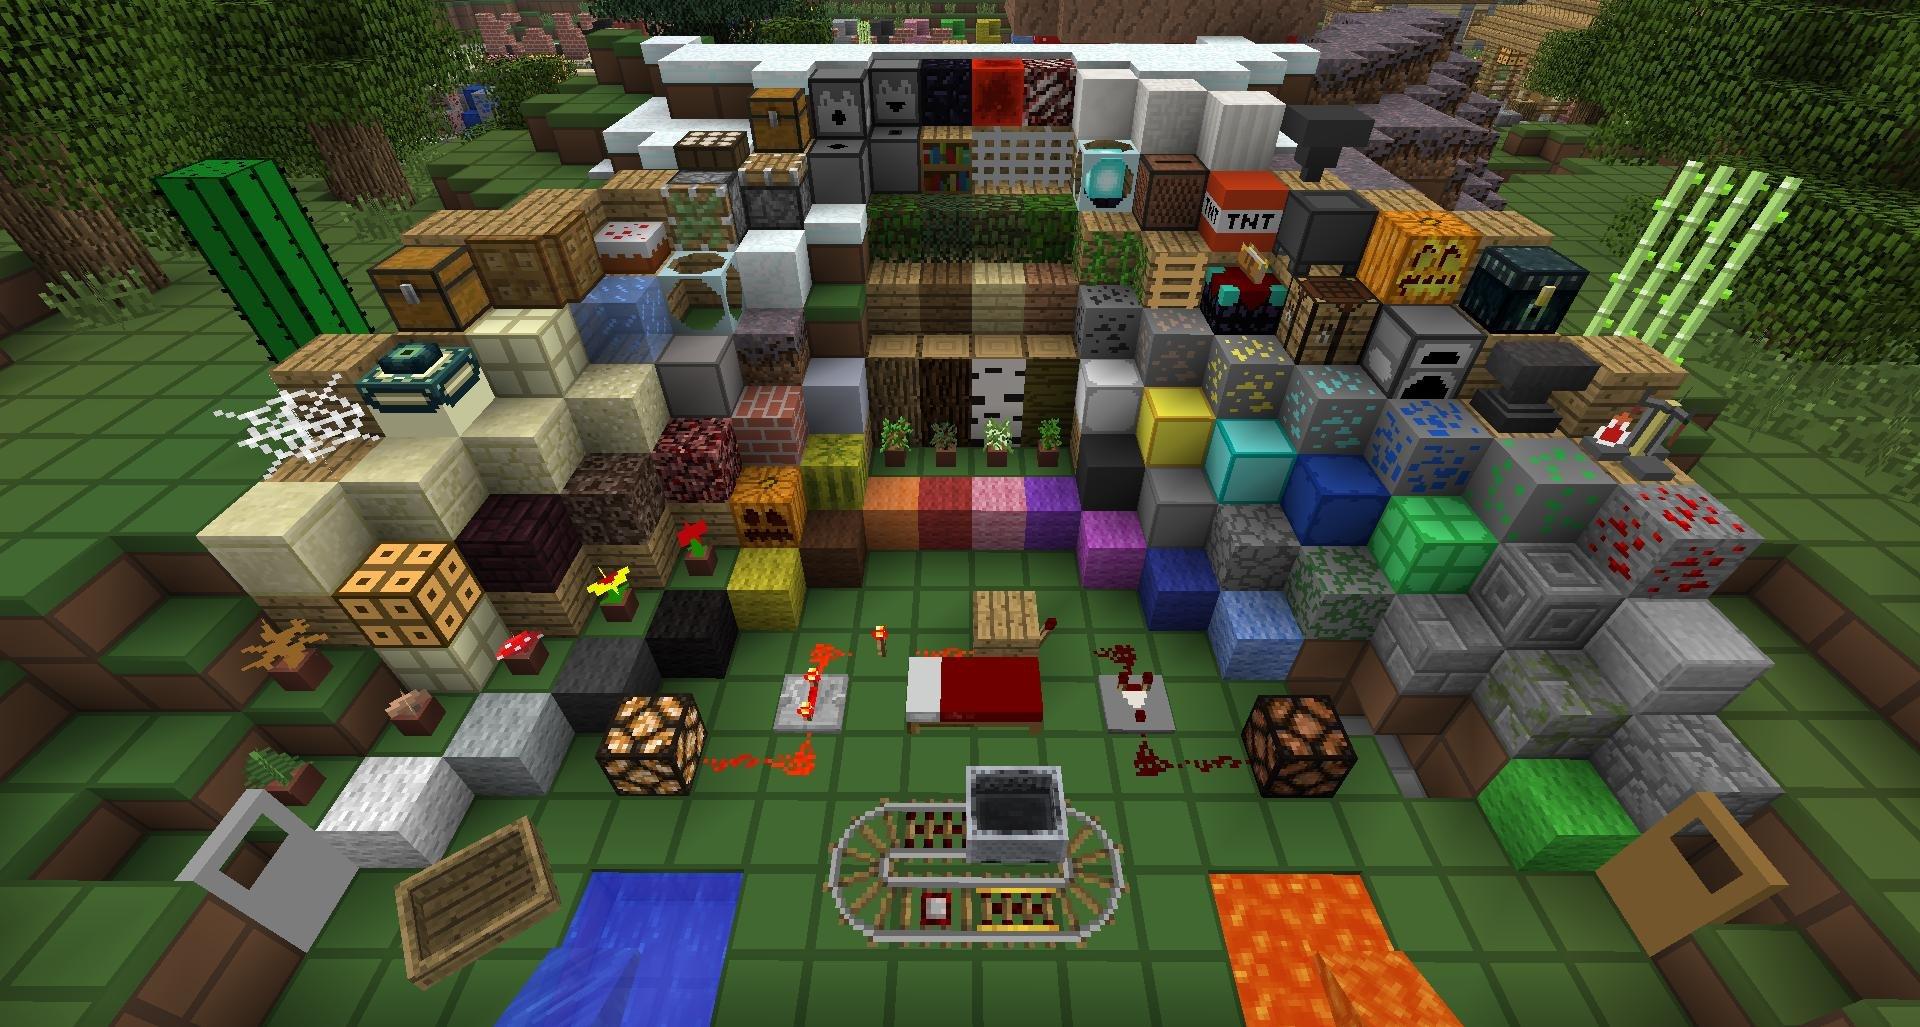 Текстуры для minecraft с разрешением 128x128